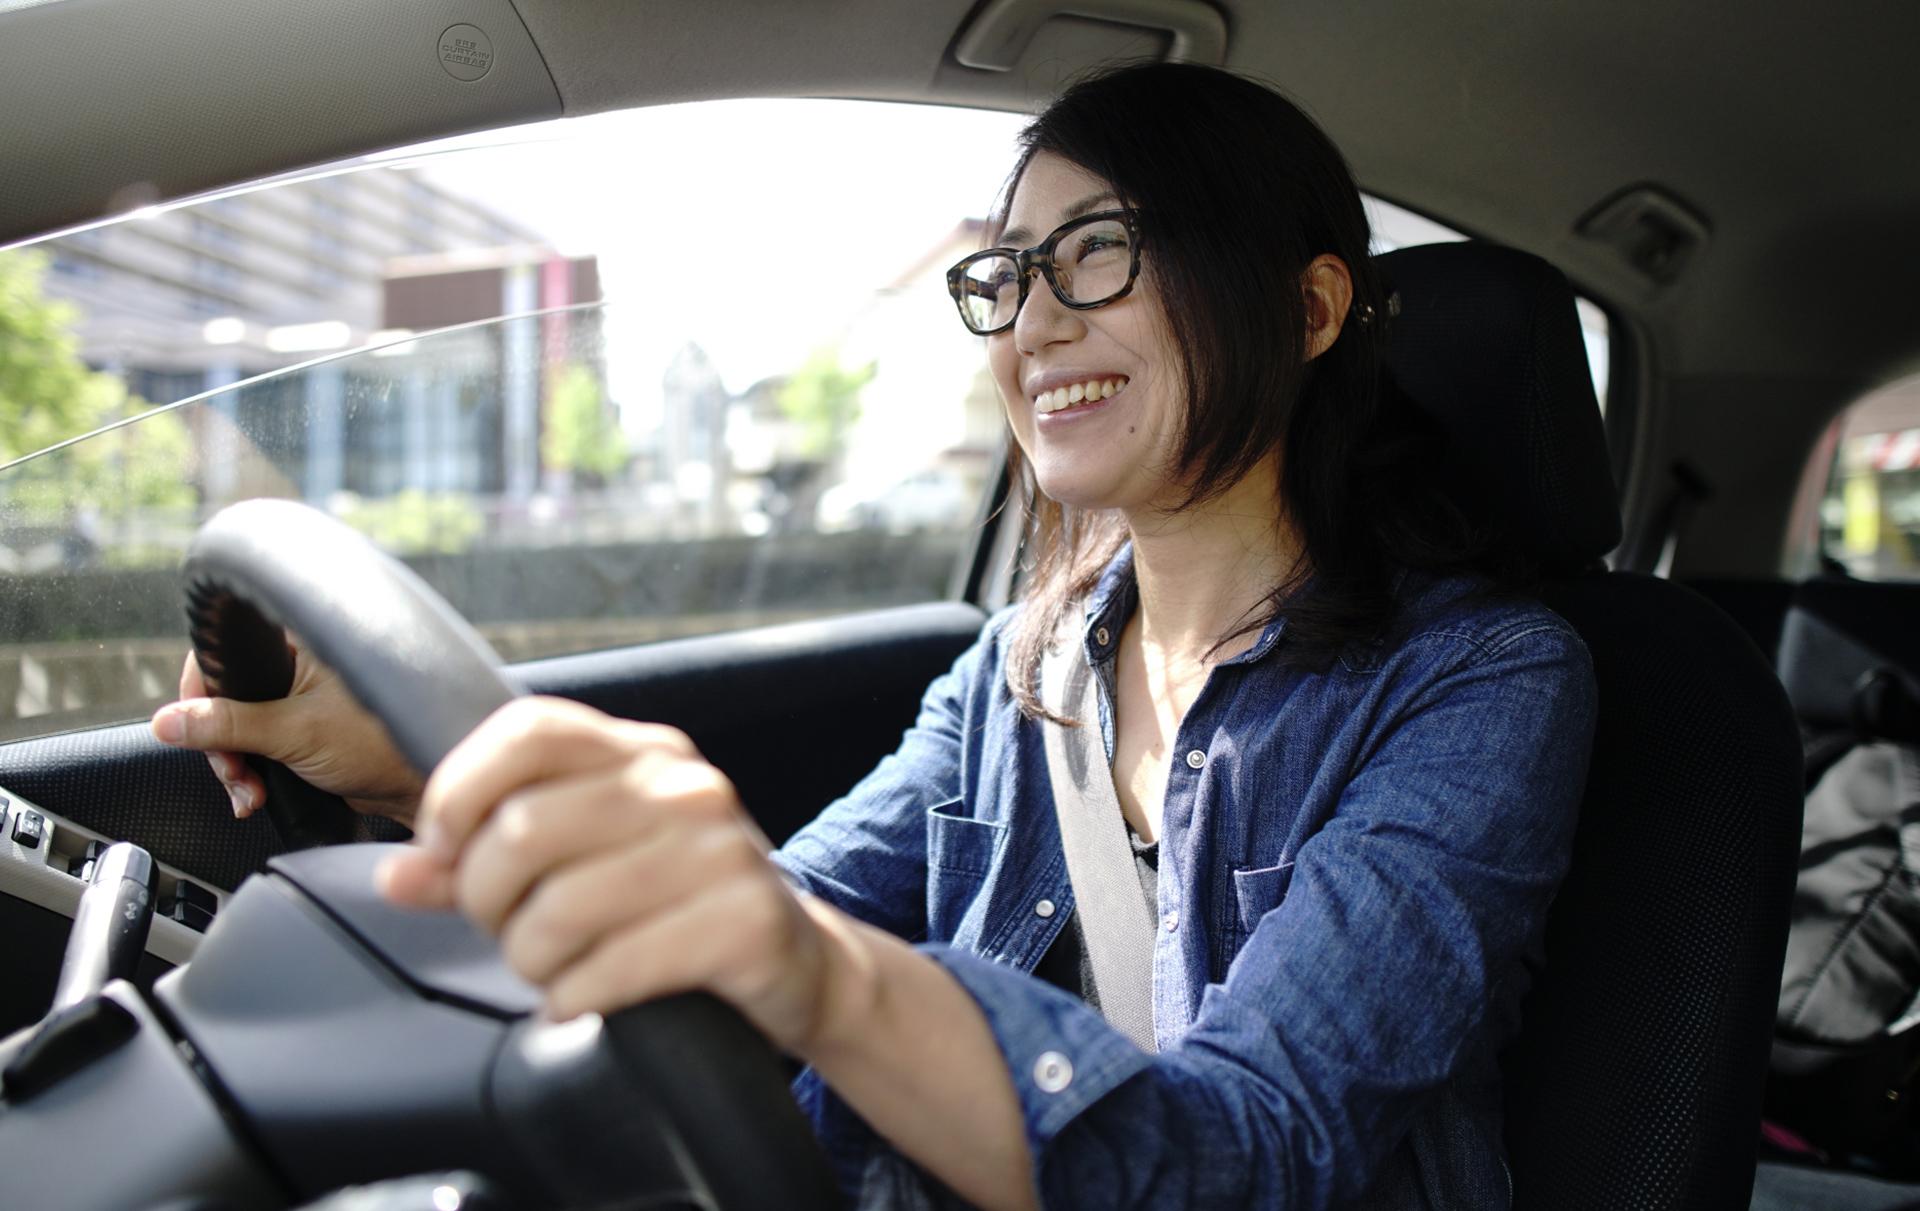 記事 吉田恵美様 30代 女性 会社員のアイキャッチ画像